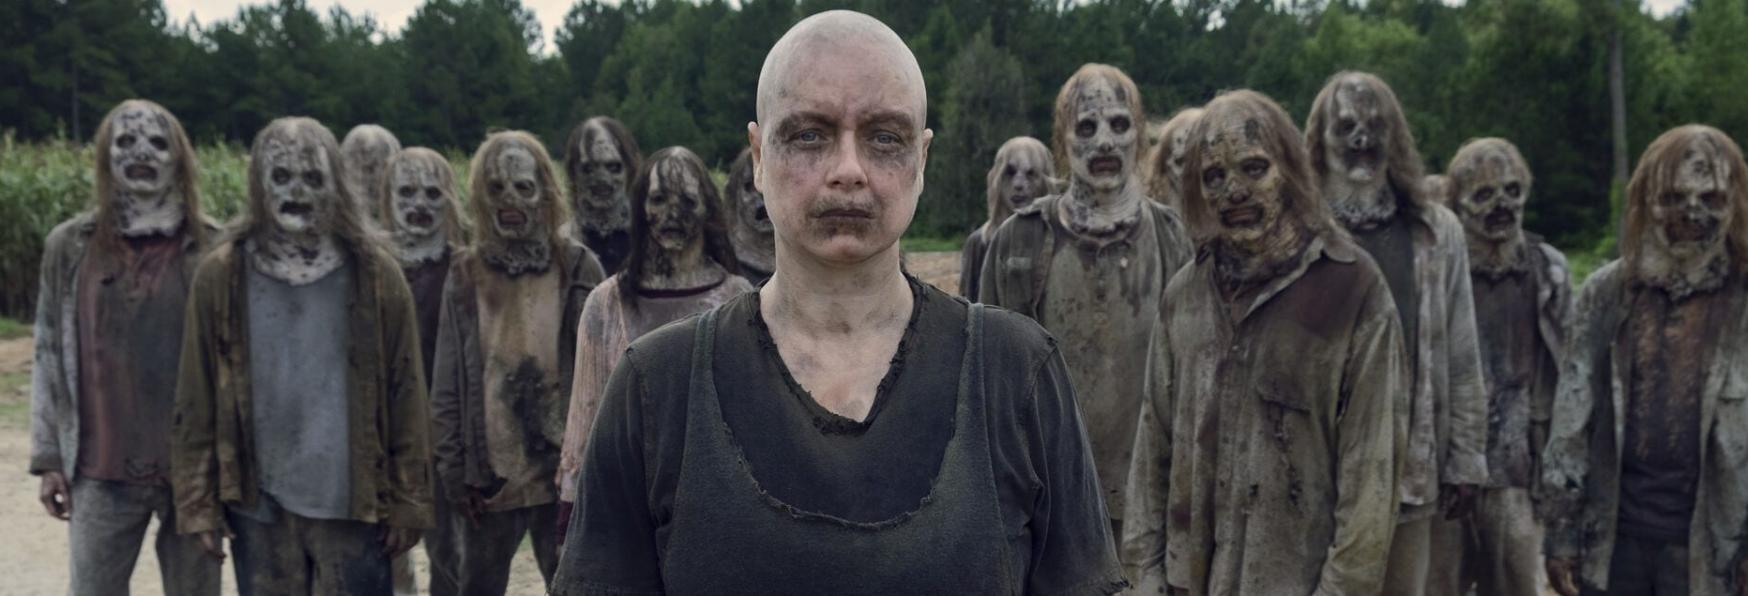 The Walking Dead 10: Recensione dell'Episodio 10x09 (Inizio Parte 2)